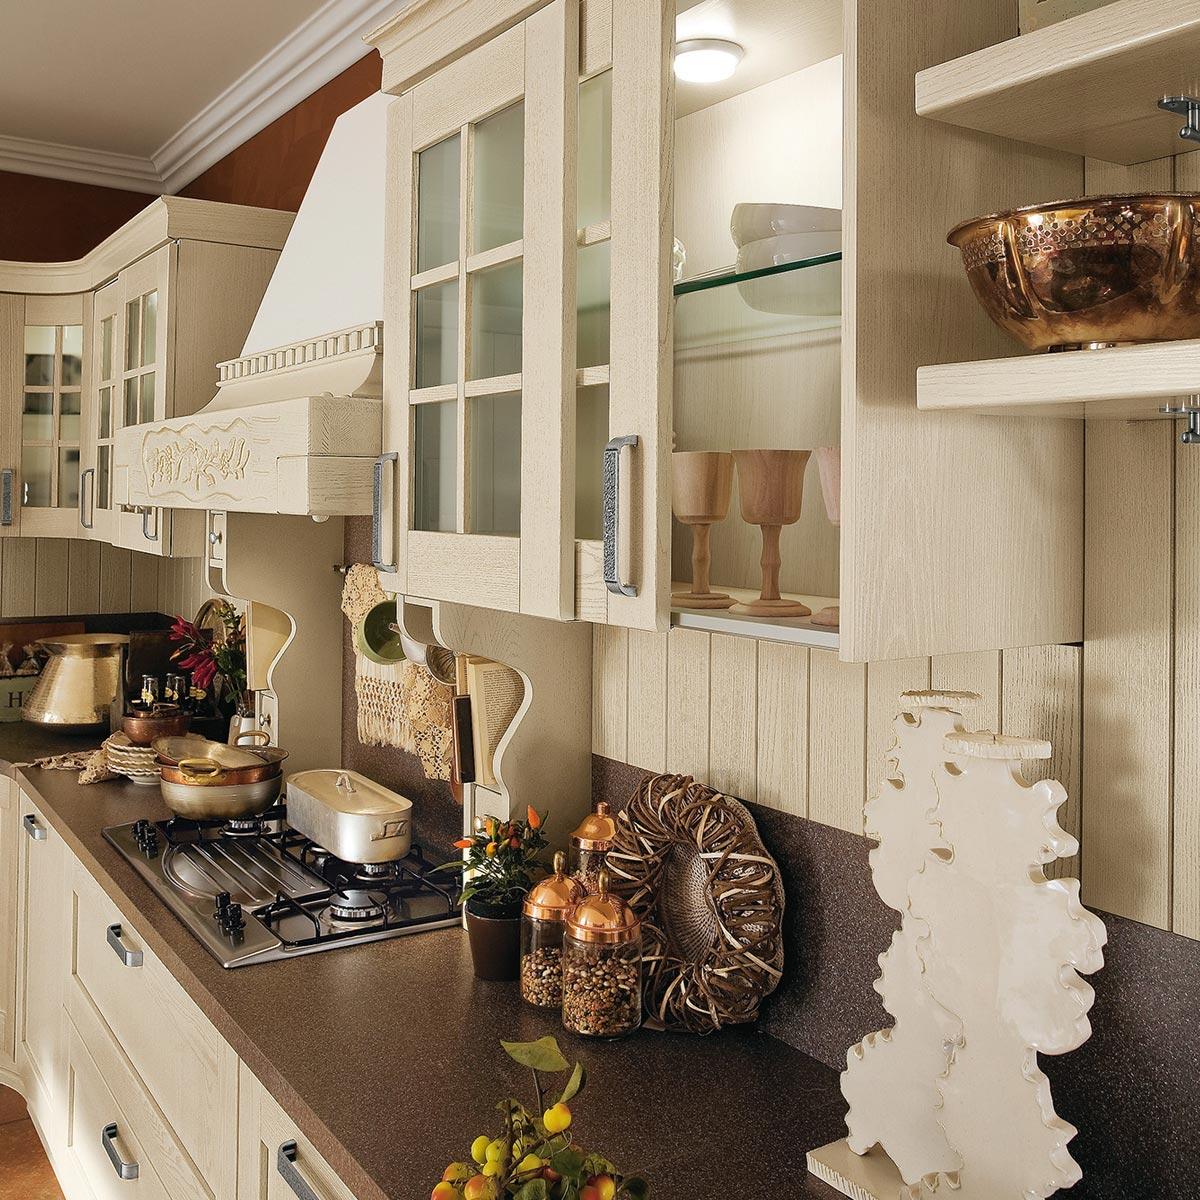 Cucine eleganti classiche interesting cucine eleganti classiche with cucine eleganti classiche - Cucine in legno classiche ...